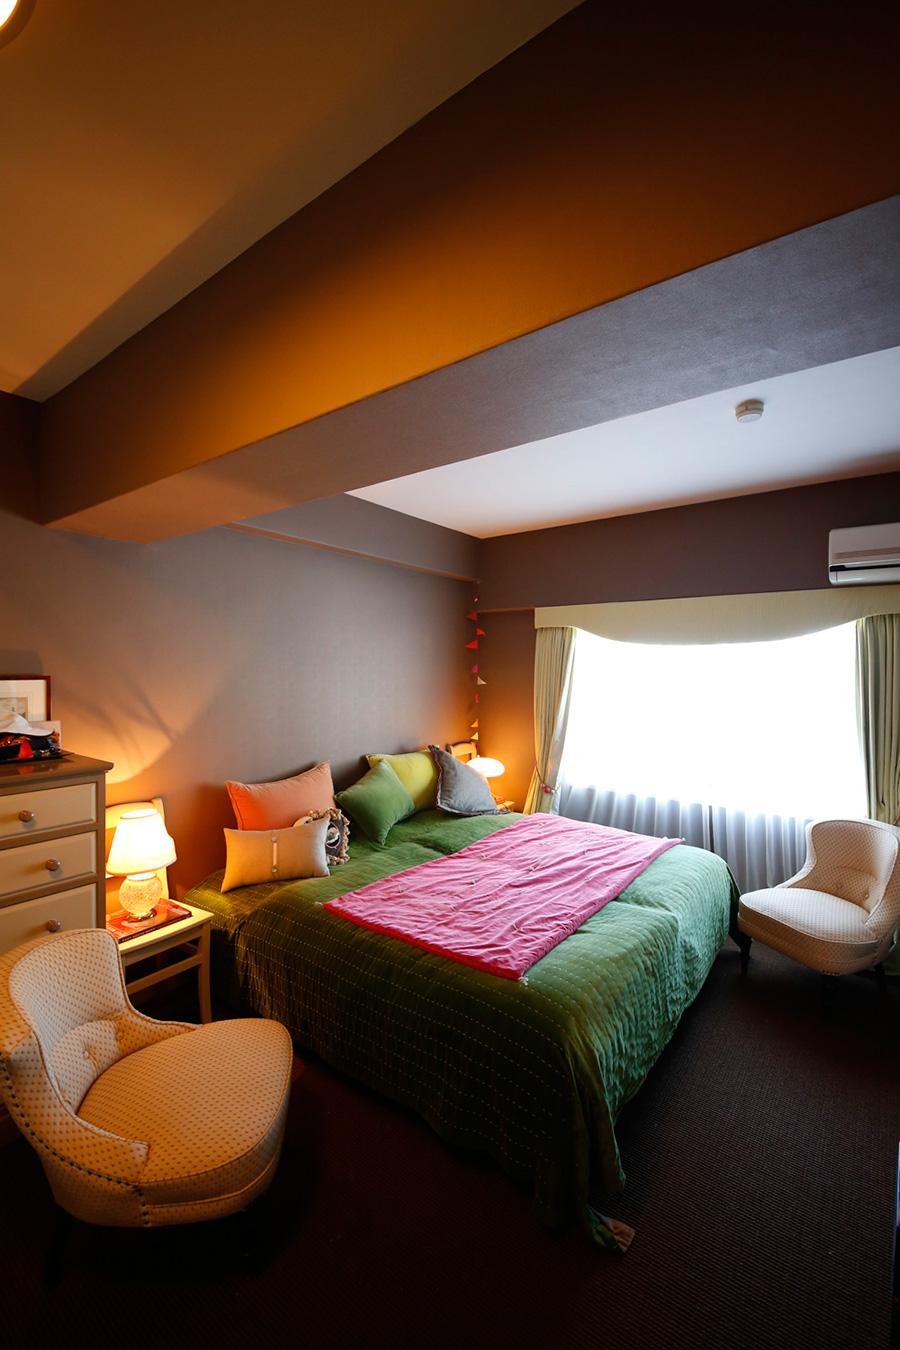 ベッドカバーとクッションの色使いで部屋のムードを作っている。イスの丸みのあるフォルムも素敵。